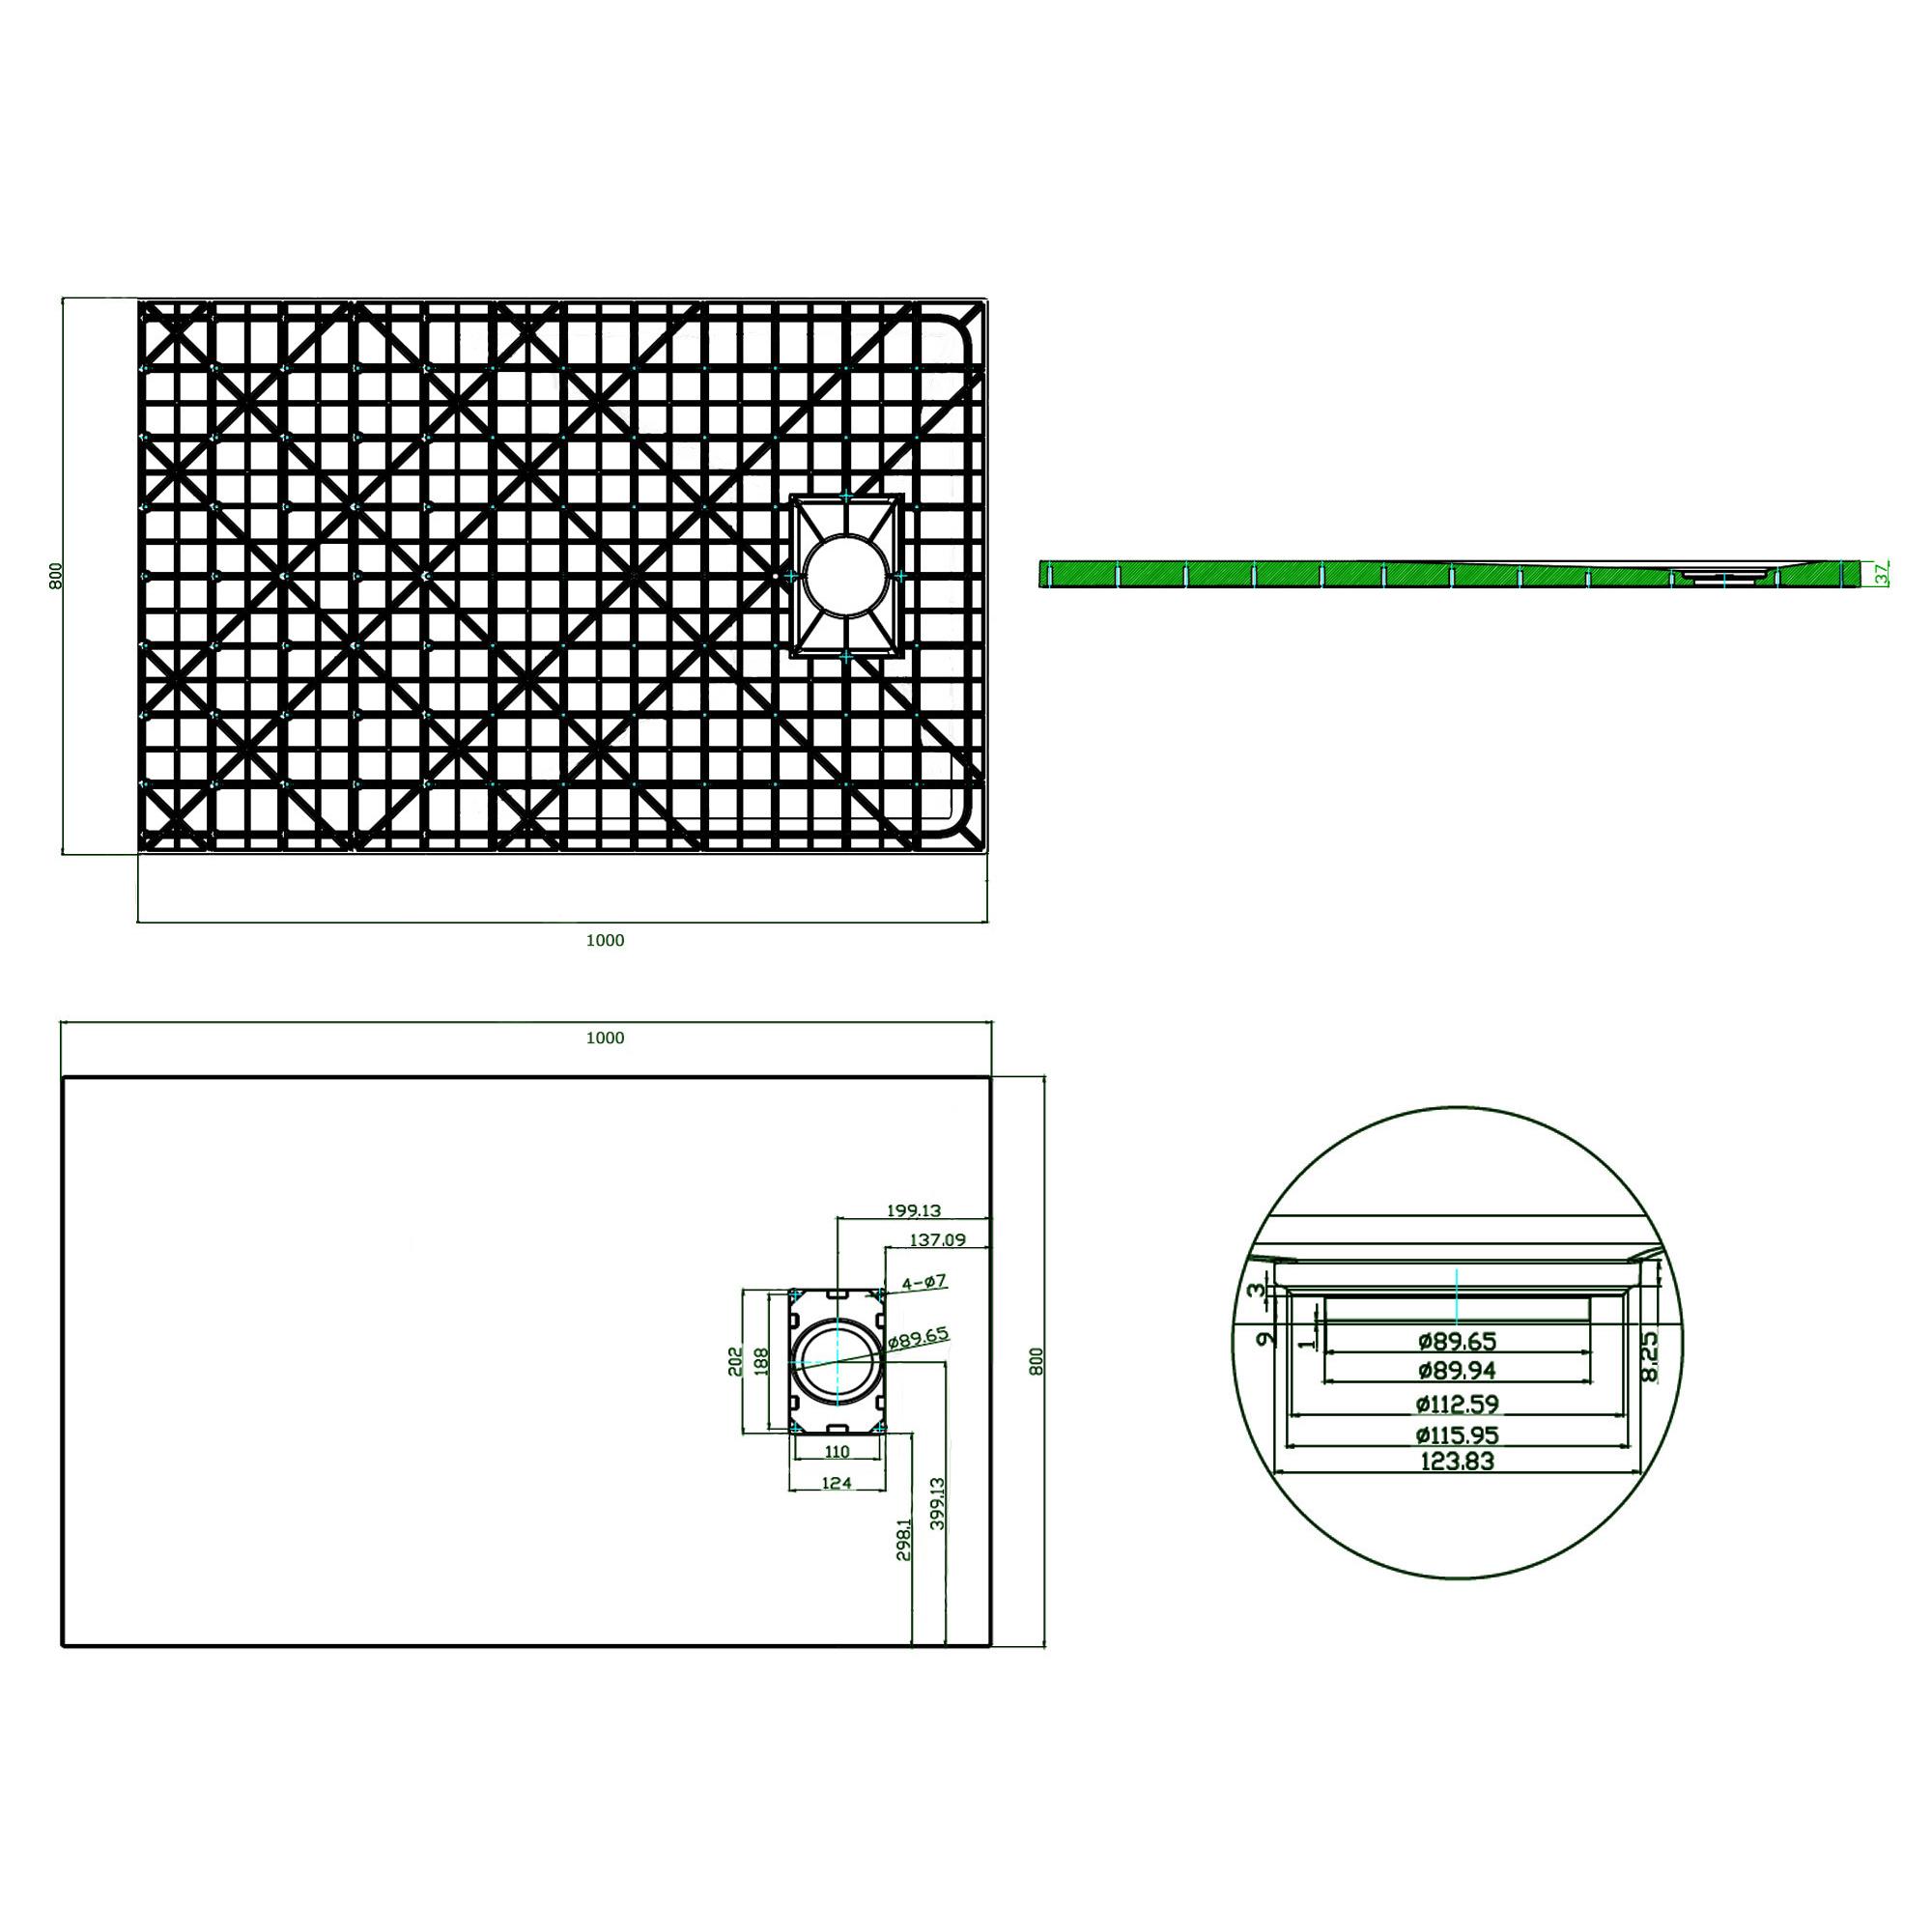 SMC Duschtasse 80x100cm - Zeichnung